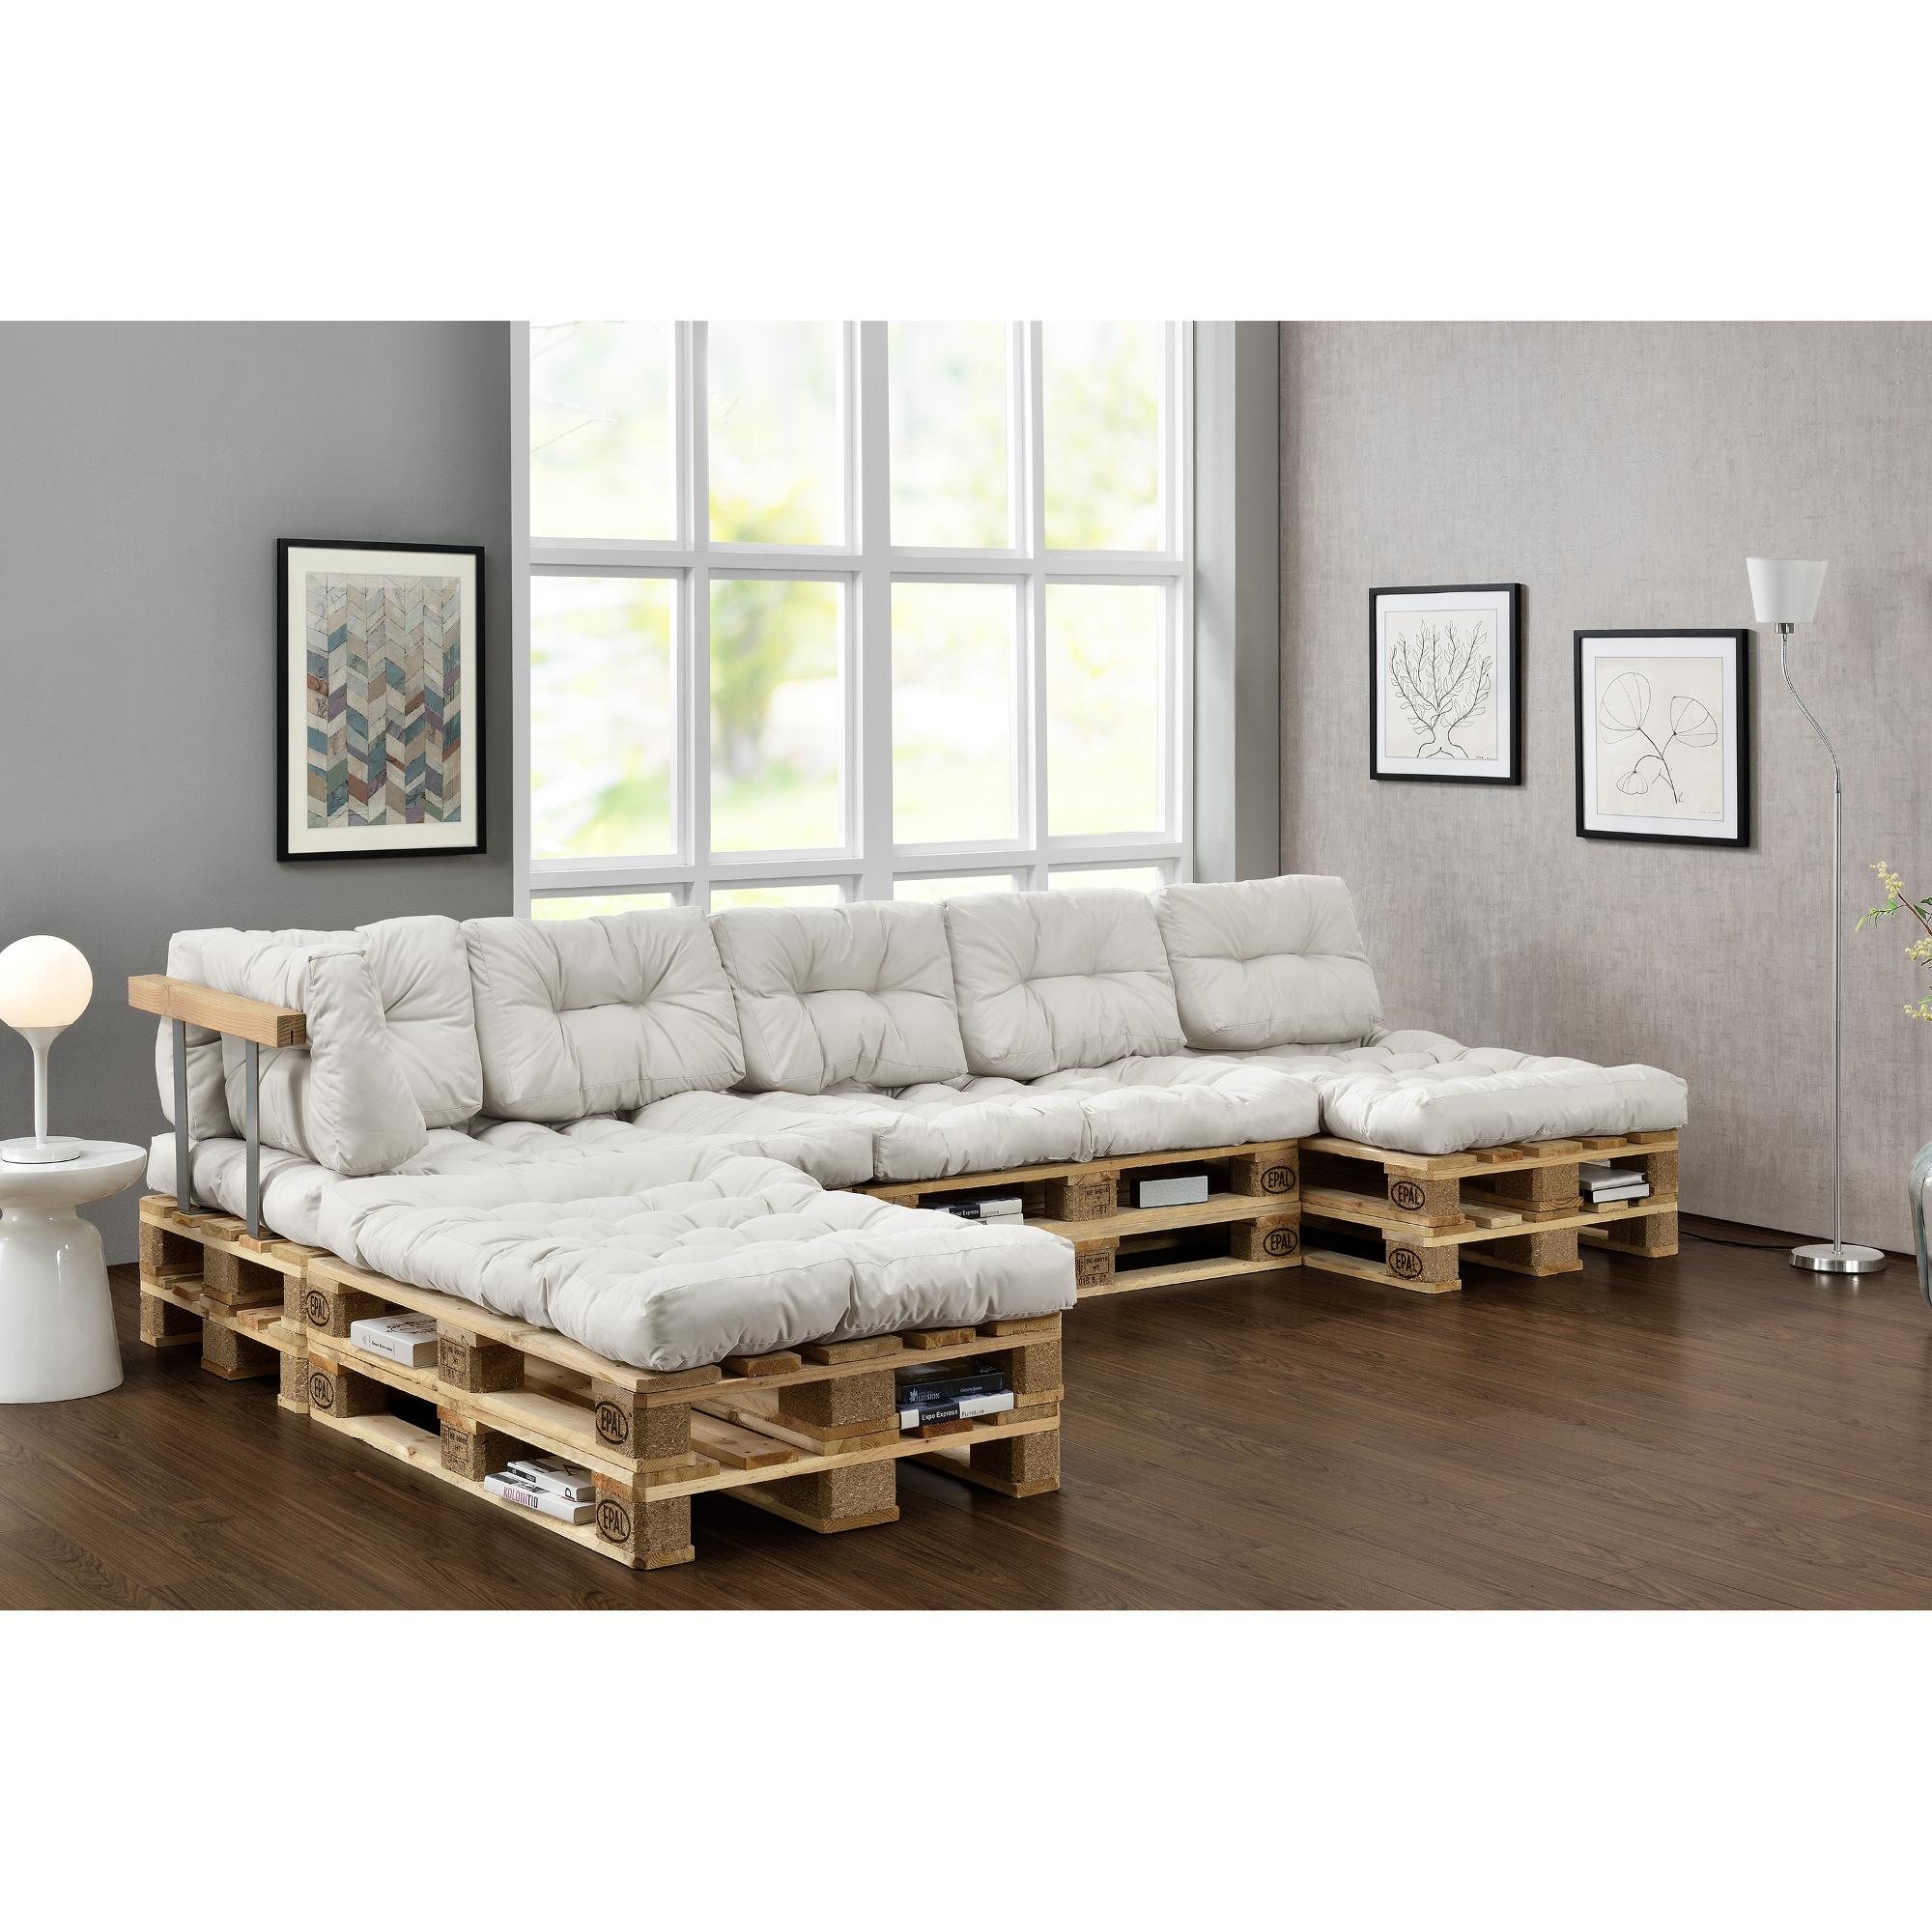 Cojines 4x asiento 6x respaldo para sof de for Sofa europaletten